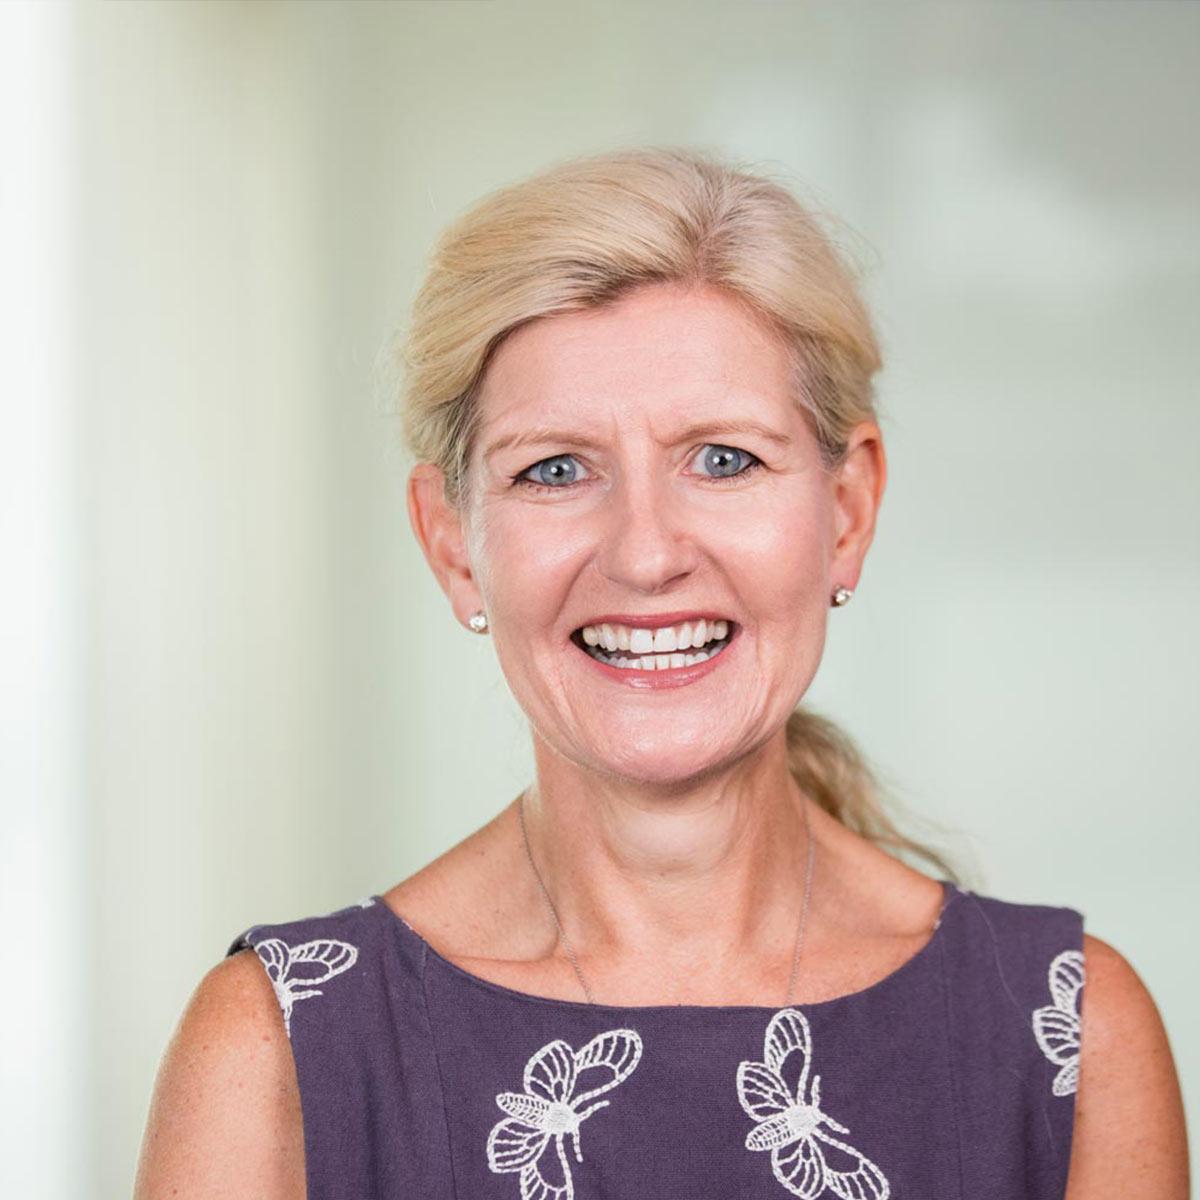 Debbie Hewitt se convertirá en la primera presidenta de la Asociación Inglesa de Futbol